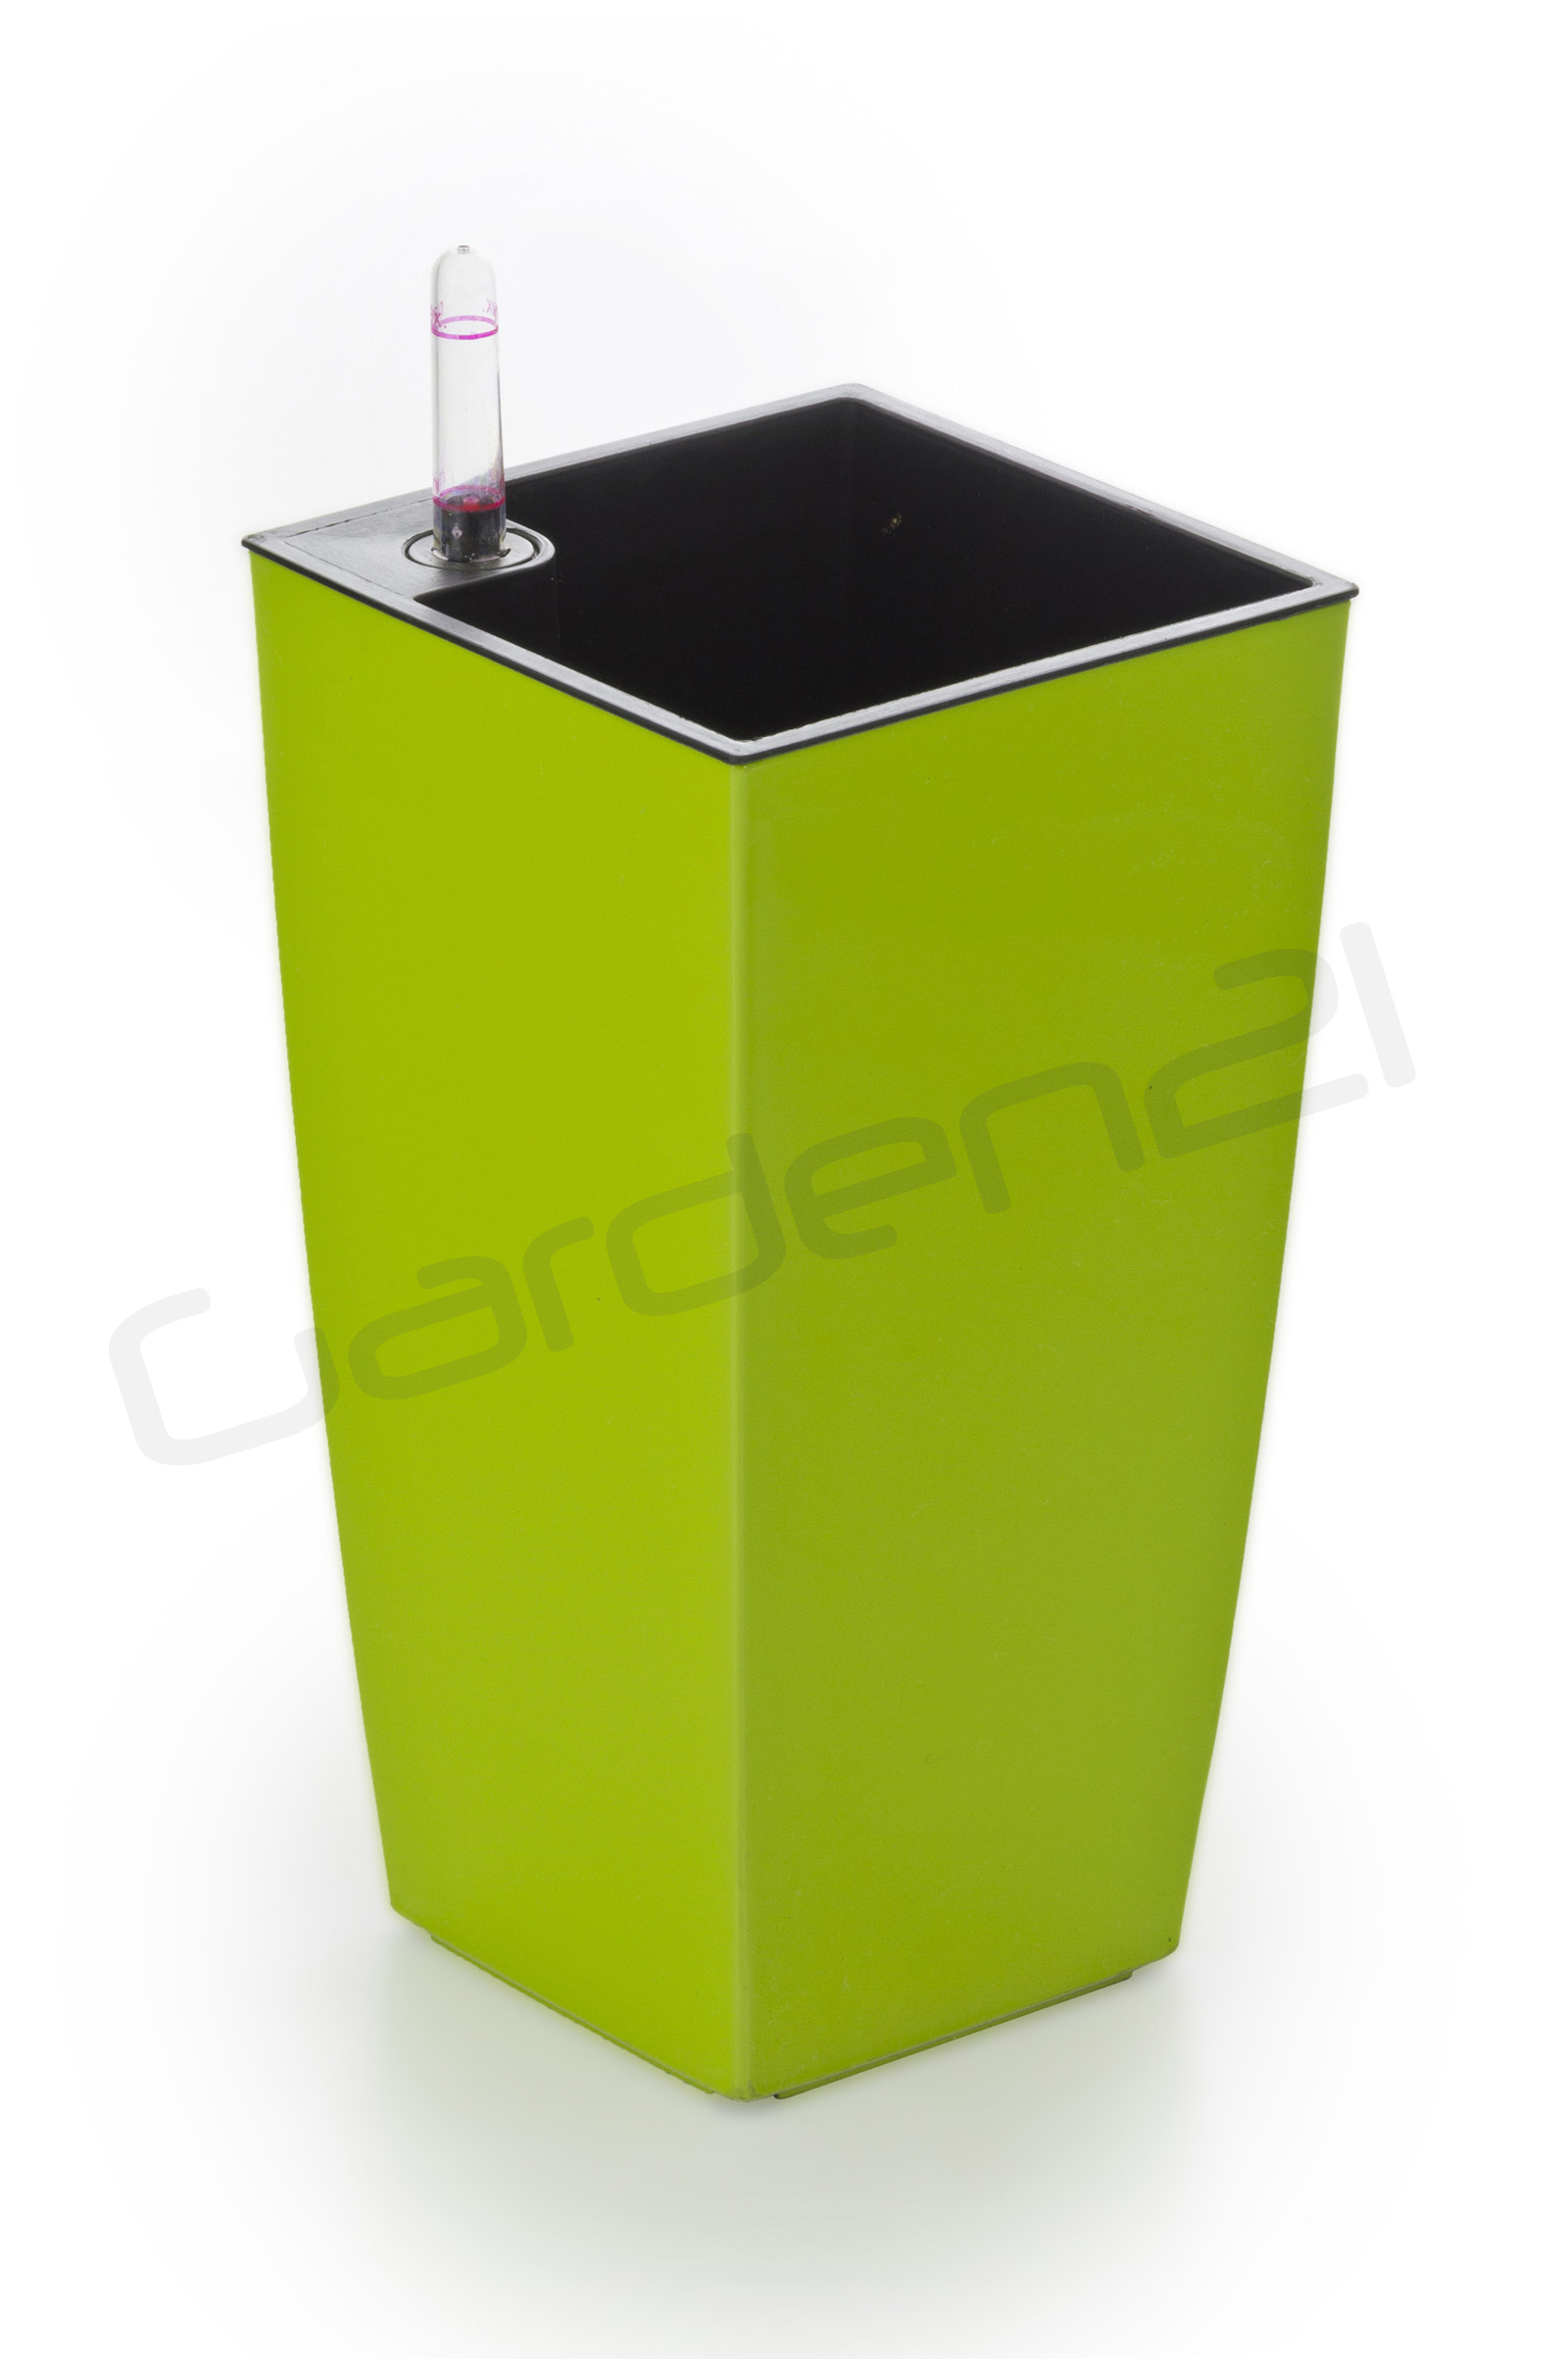 Samozavlažovací květináč G21 Linea mini zelený 14cm